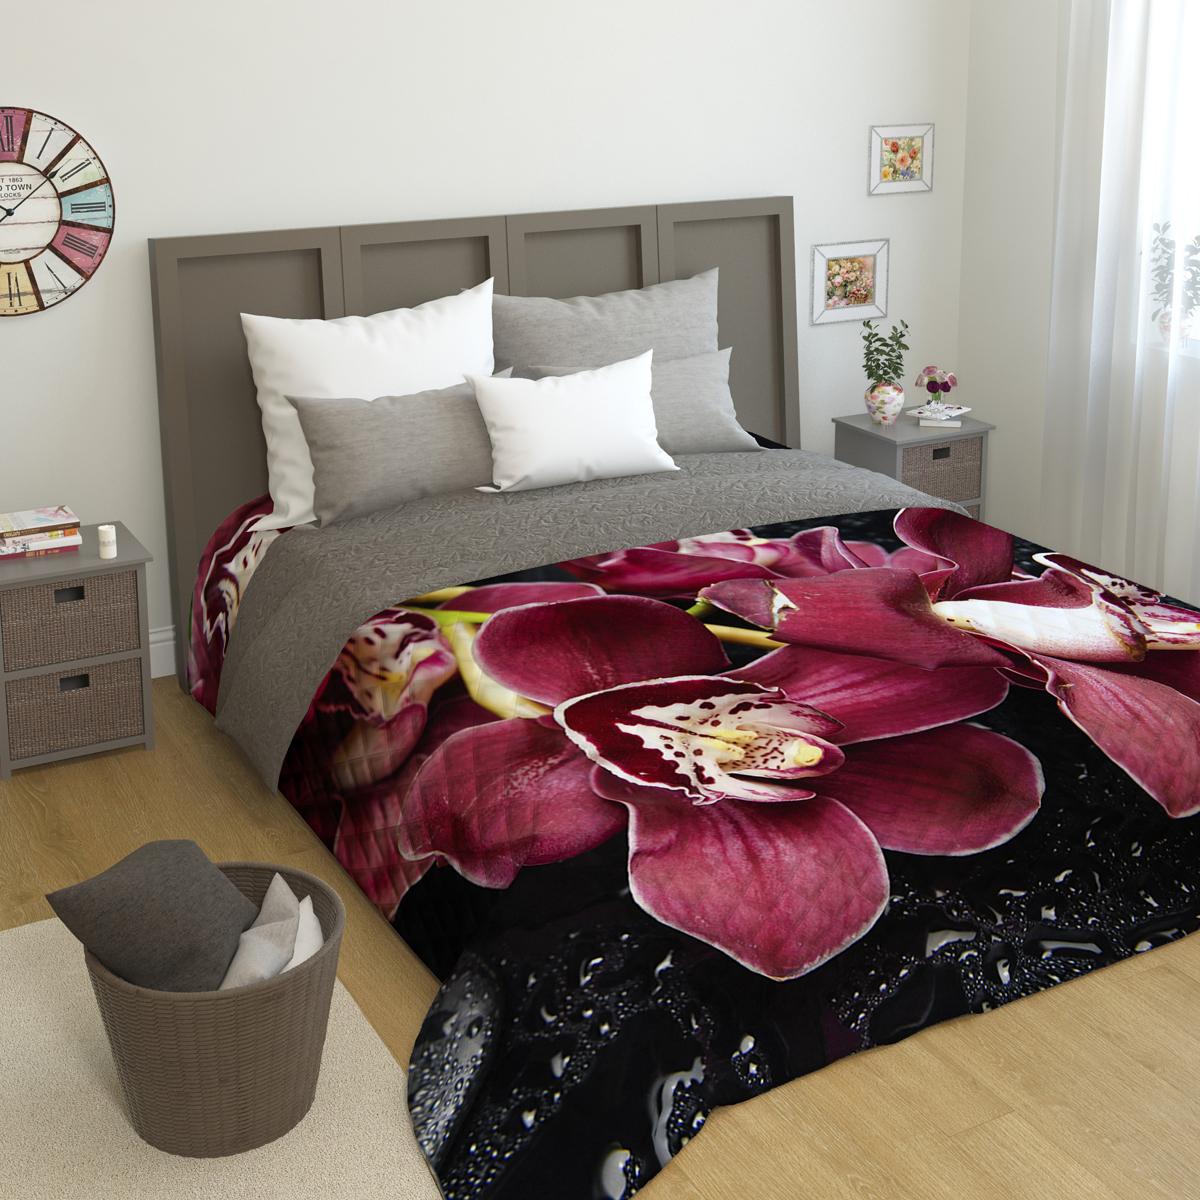 Покрывало стеганое Сирень Распустившаяся орхидея, 200 х 220 смПКМК005-04180Стеганое покрывало Сирень - это правильный выбор для любой хозяйки. Стеганые покрывала выгодно преобразят дизайн любого интерьера спальни. При изготовлении используется плотная микрофибра. В сочетании со стильным и четким рисунком, созданным с помощью 3D фотопечати стеганые покрывала всегда будут отличным приобретением для Вашей спальни и подарком для друзей и близких! Рисунок стежки выполнен современным способом Ультрастэп (без использования ниток). Использование данного способа стежки защищает от миграции волокна во время стирки в деликатном режиме при температуре 30 градусов. Размер 200*220 (+/- 2см ) Наволочки в комплект не входят. Покрывало легко стирать при 30-40 градусов, гладить при 150 градусах, не отбеливать. Цвет покрывала в комплектации может немного отличаться от представленного на фото.